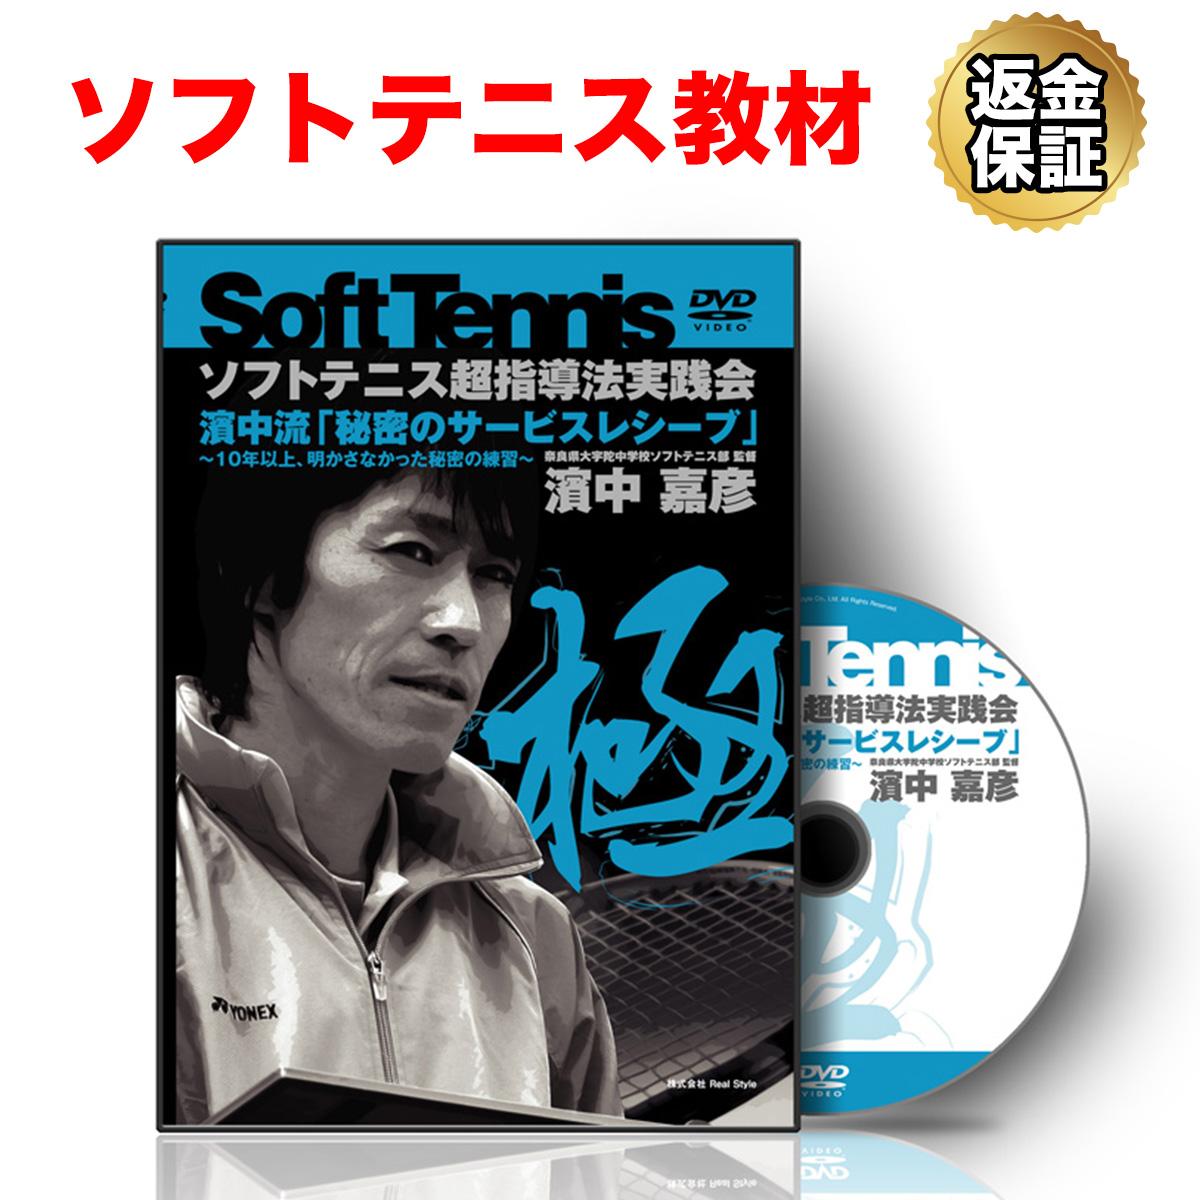 ソフトテニス 教材 DVD 濱中流「秘密のサービスレシーブ」